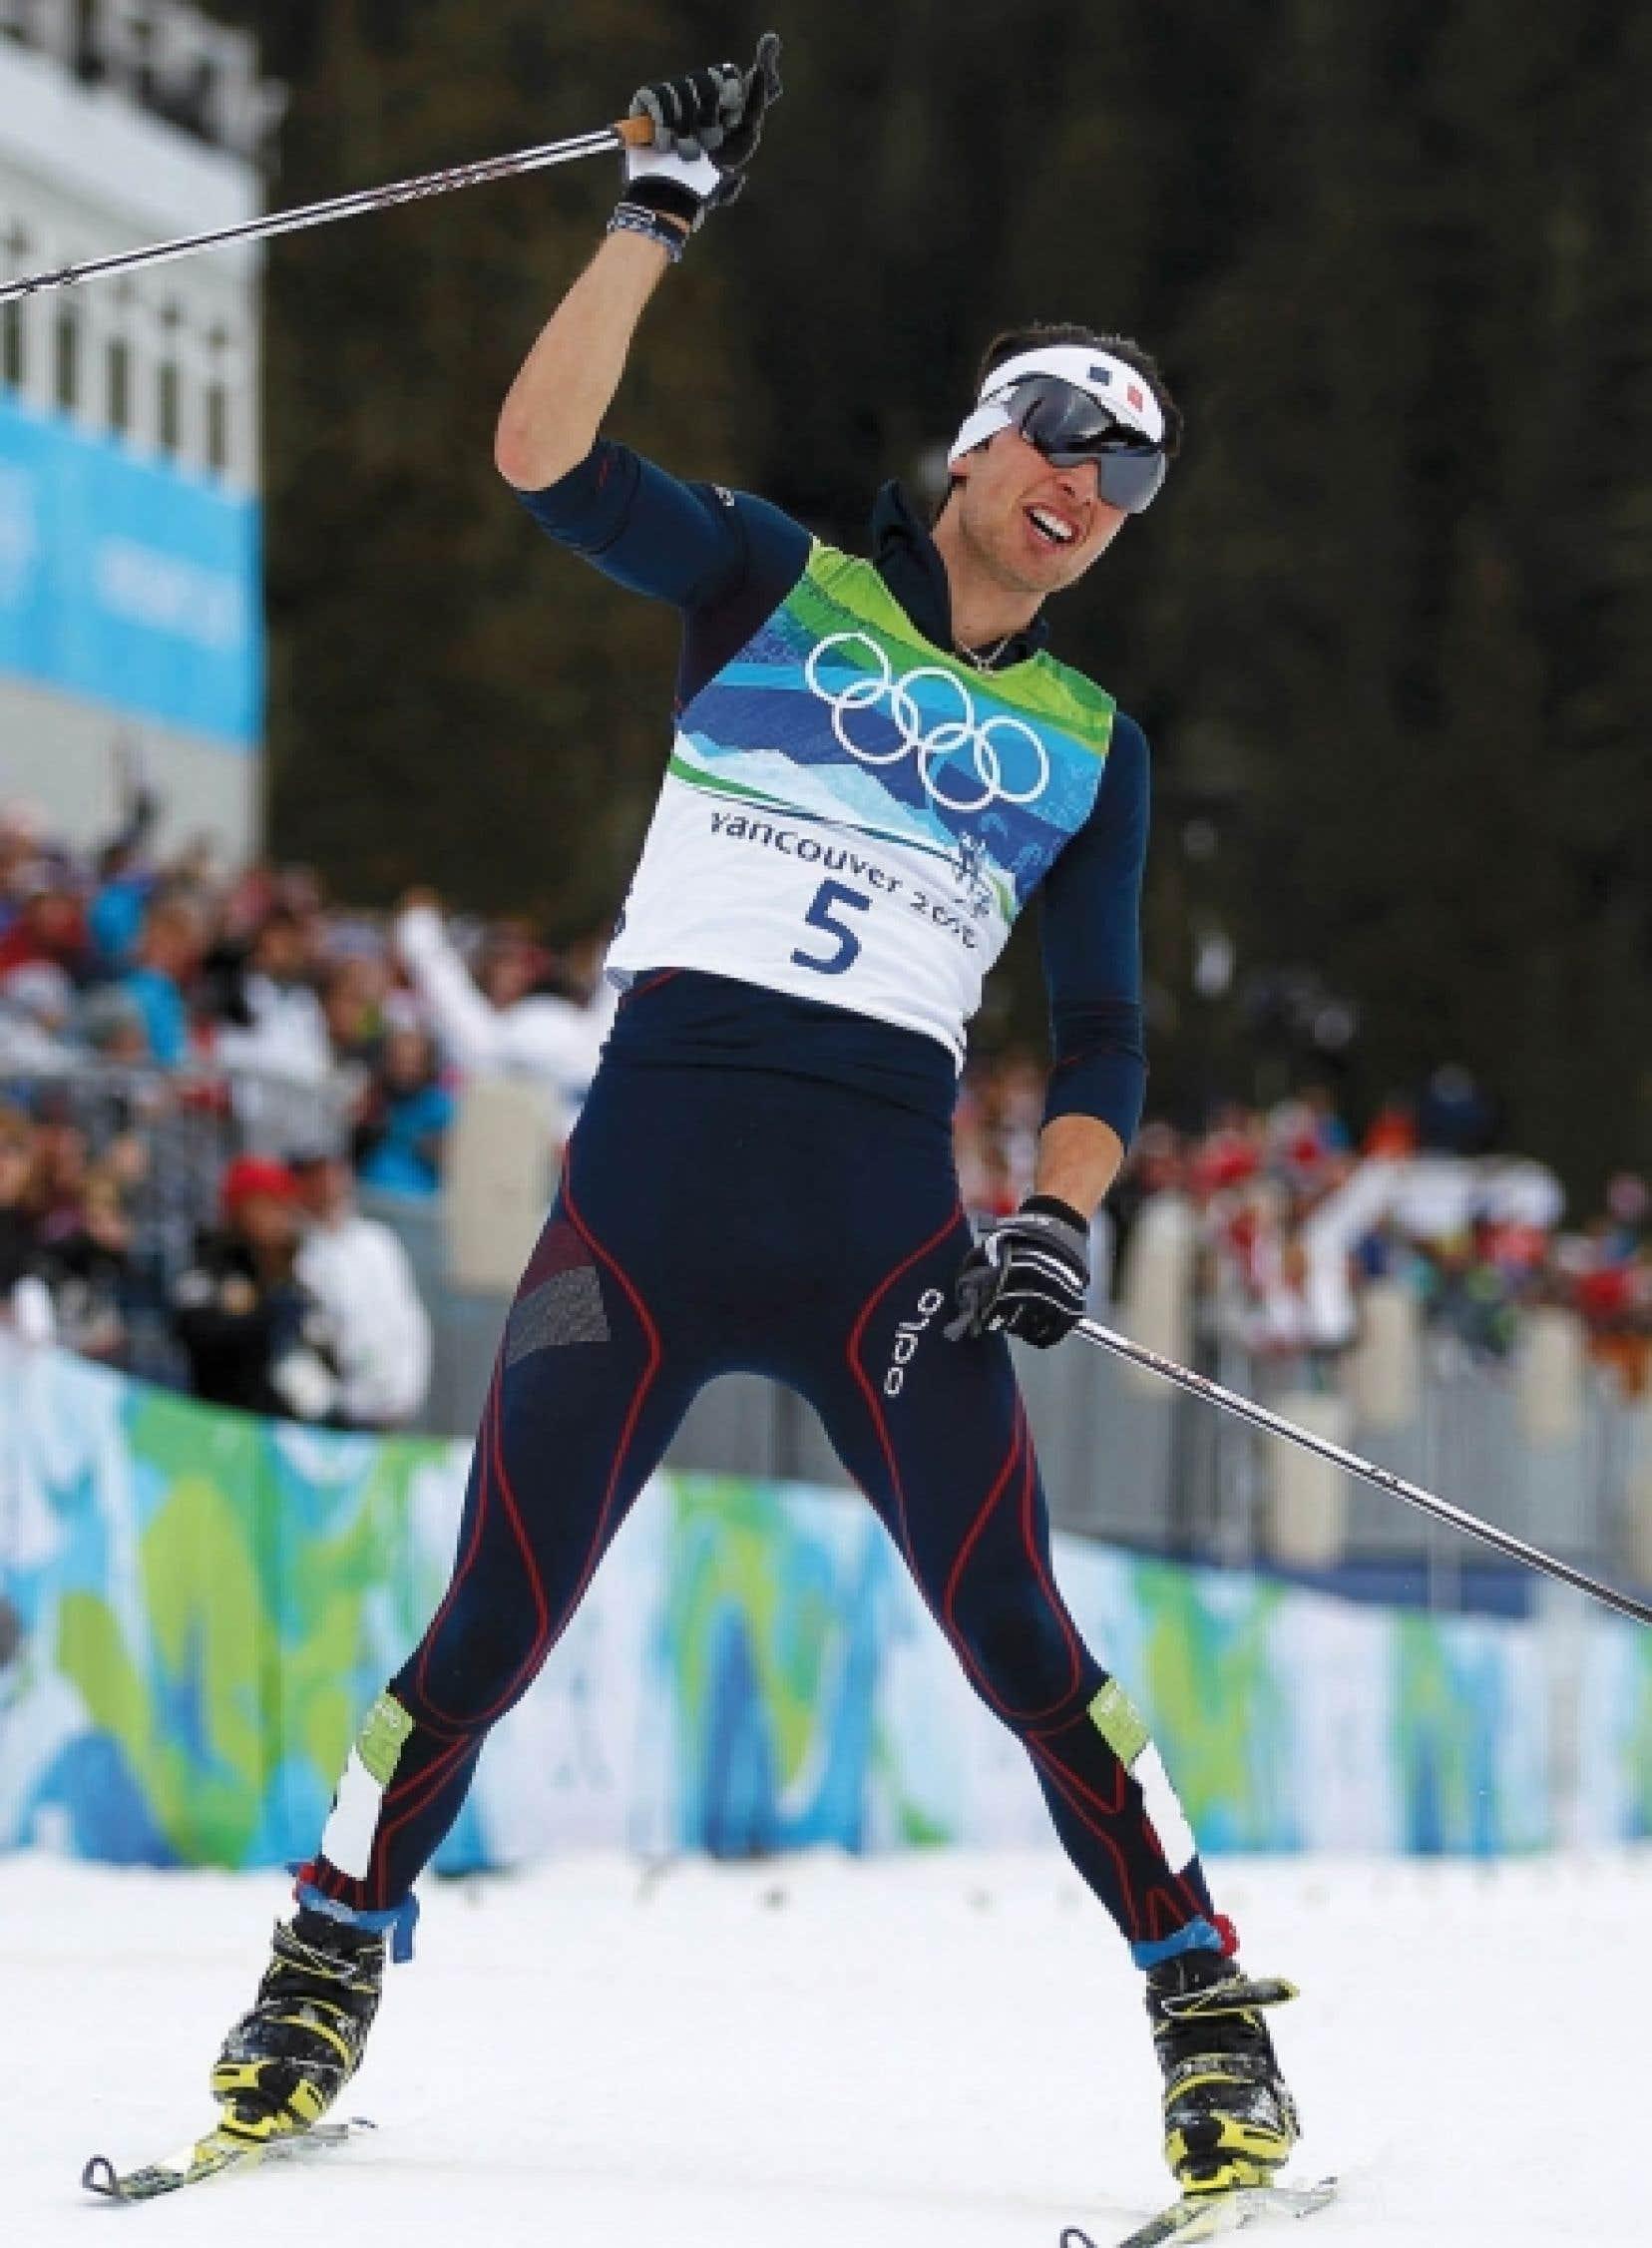 Le Français Vincent Jay a su profiter des conditions météorologiques pour devenir champion olympique de sprint en biathlon.